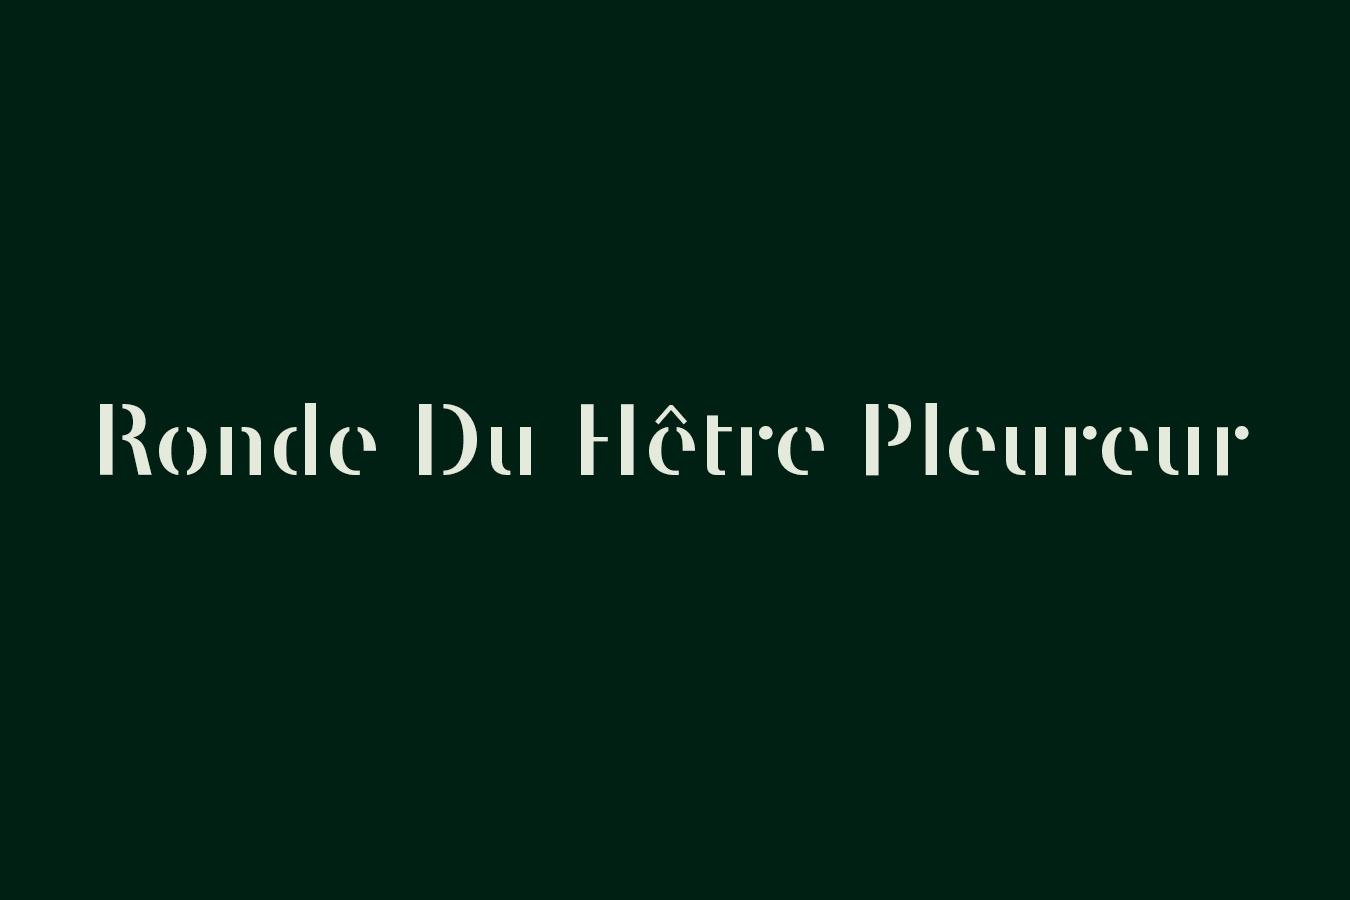 domaine-de-ronchine-seminaires-espaces-insolites-ronde-du-hetre-pleureur-01.jpg